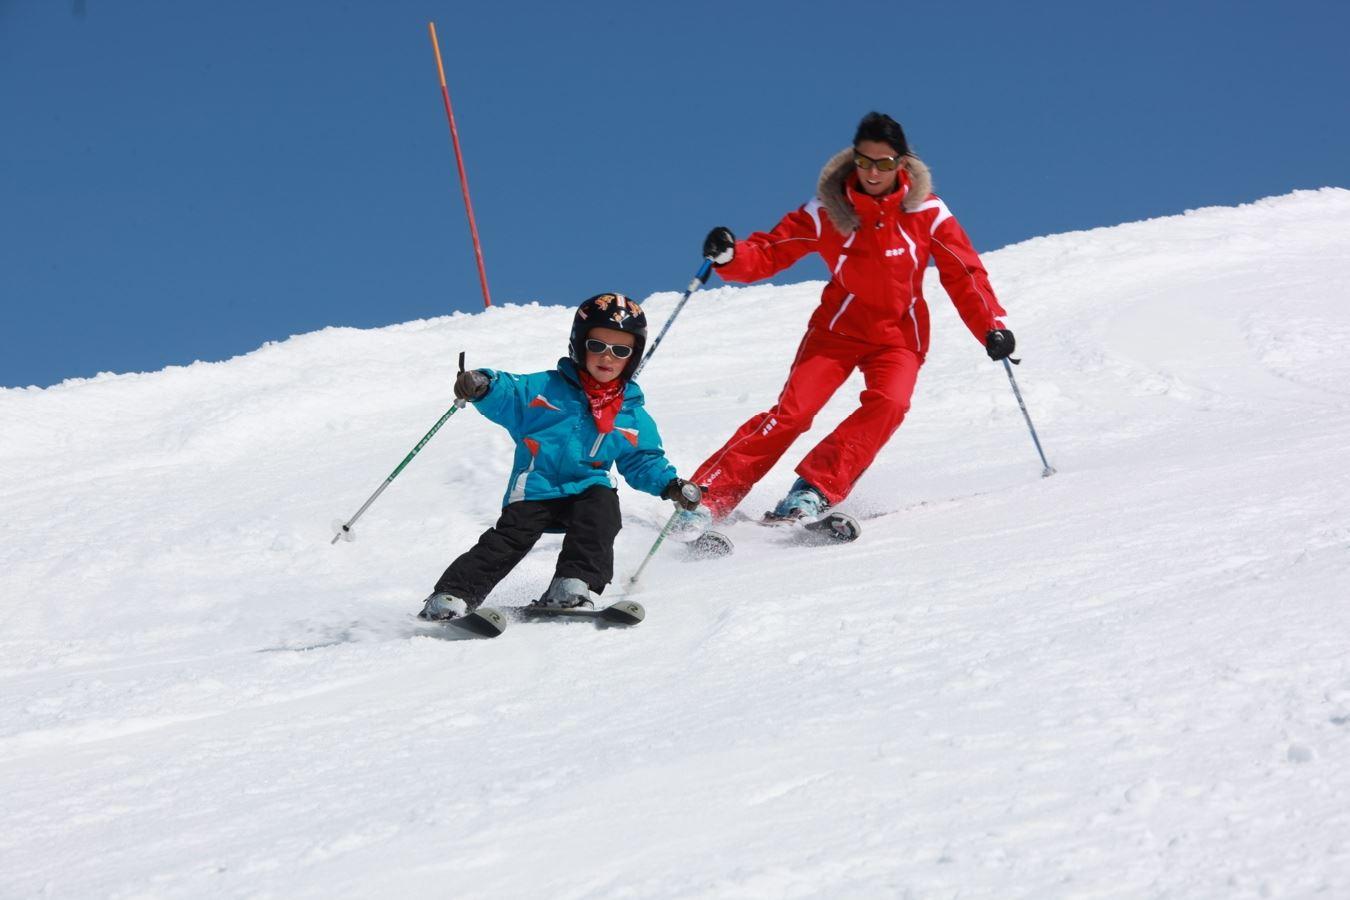 Forfait 1er ski 6 après-midi (Cours + forfaits de ski), pour les niveaux débutant à 2ème étoile